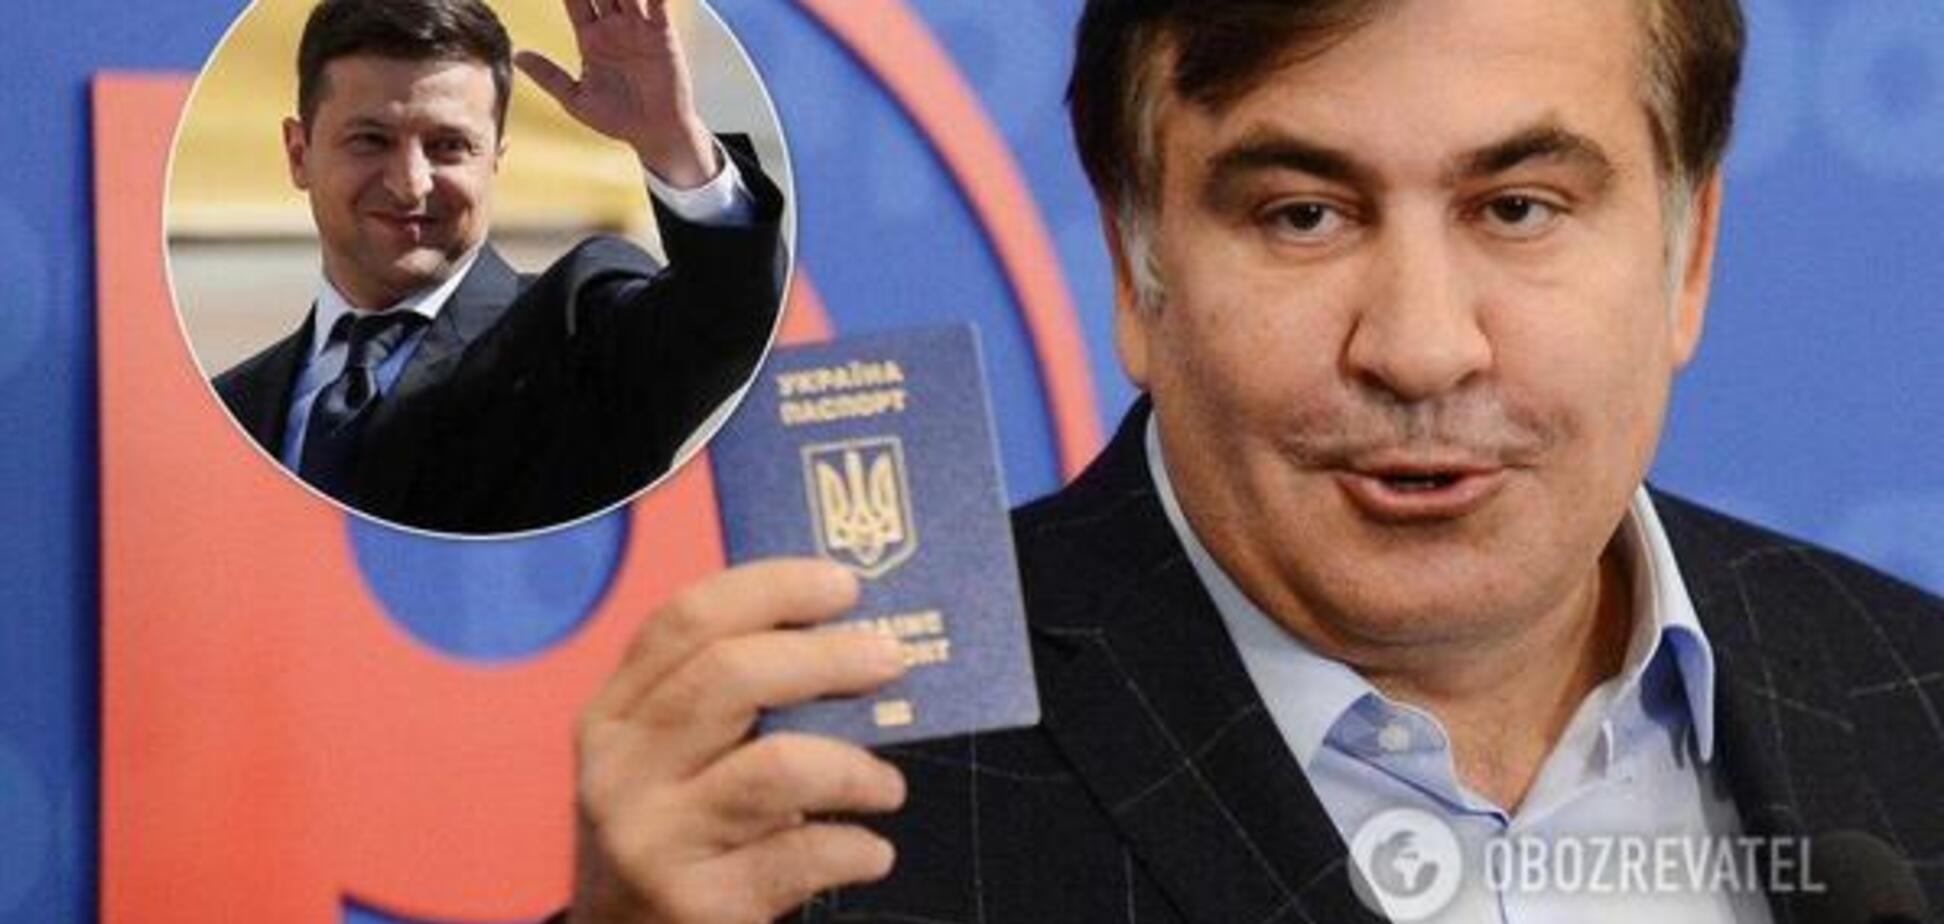 Тортури віником і переслідування: чи зможе Саакашвілі з судимостями потрапити в Кабмін України